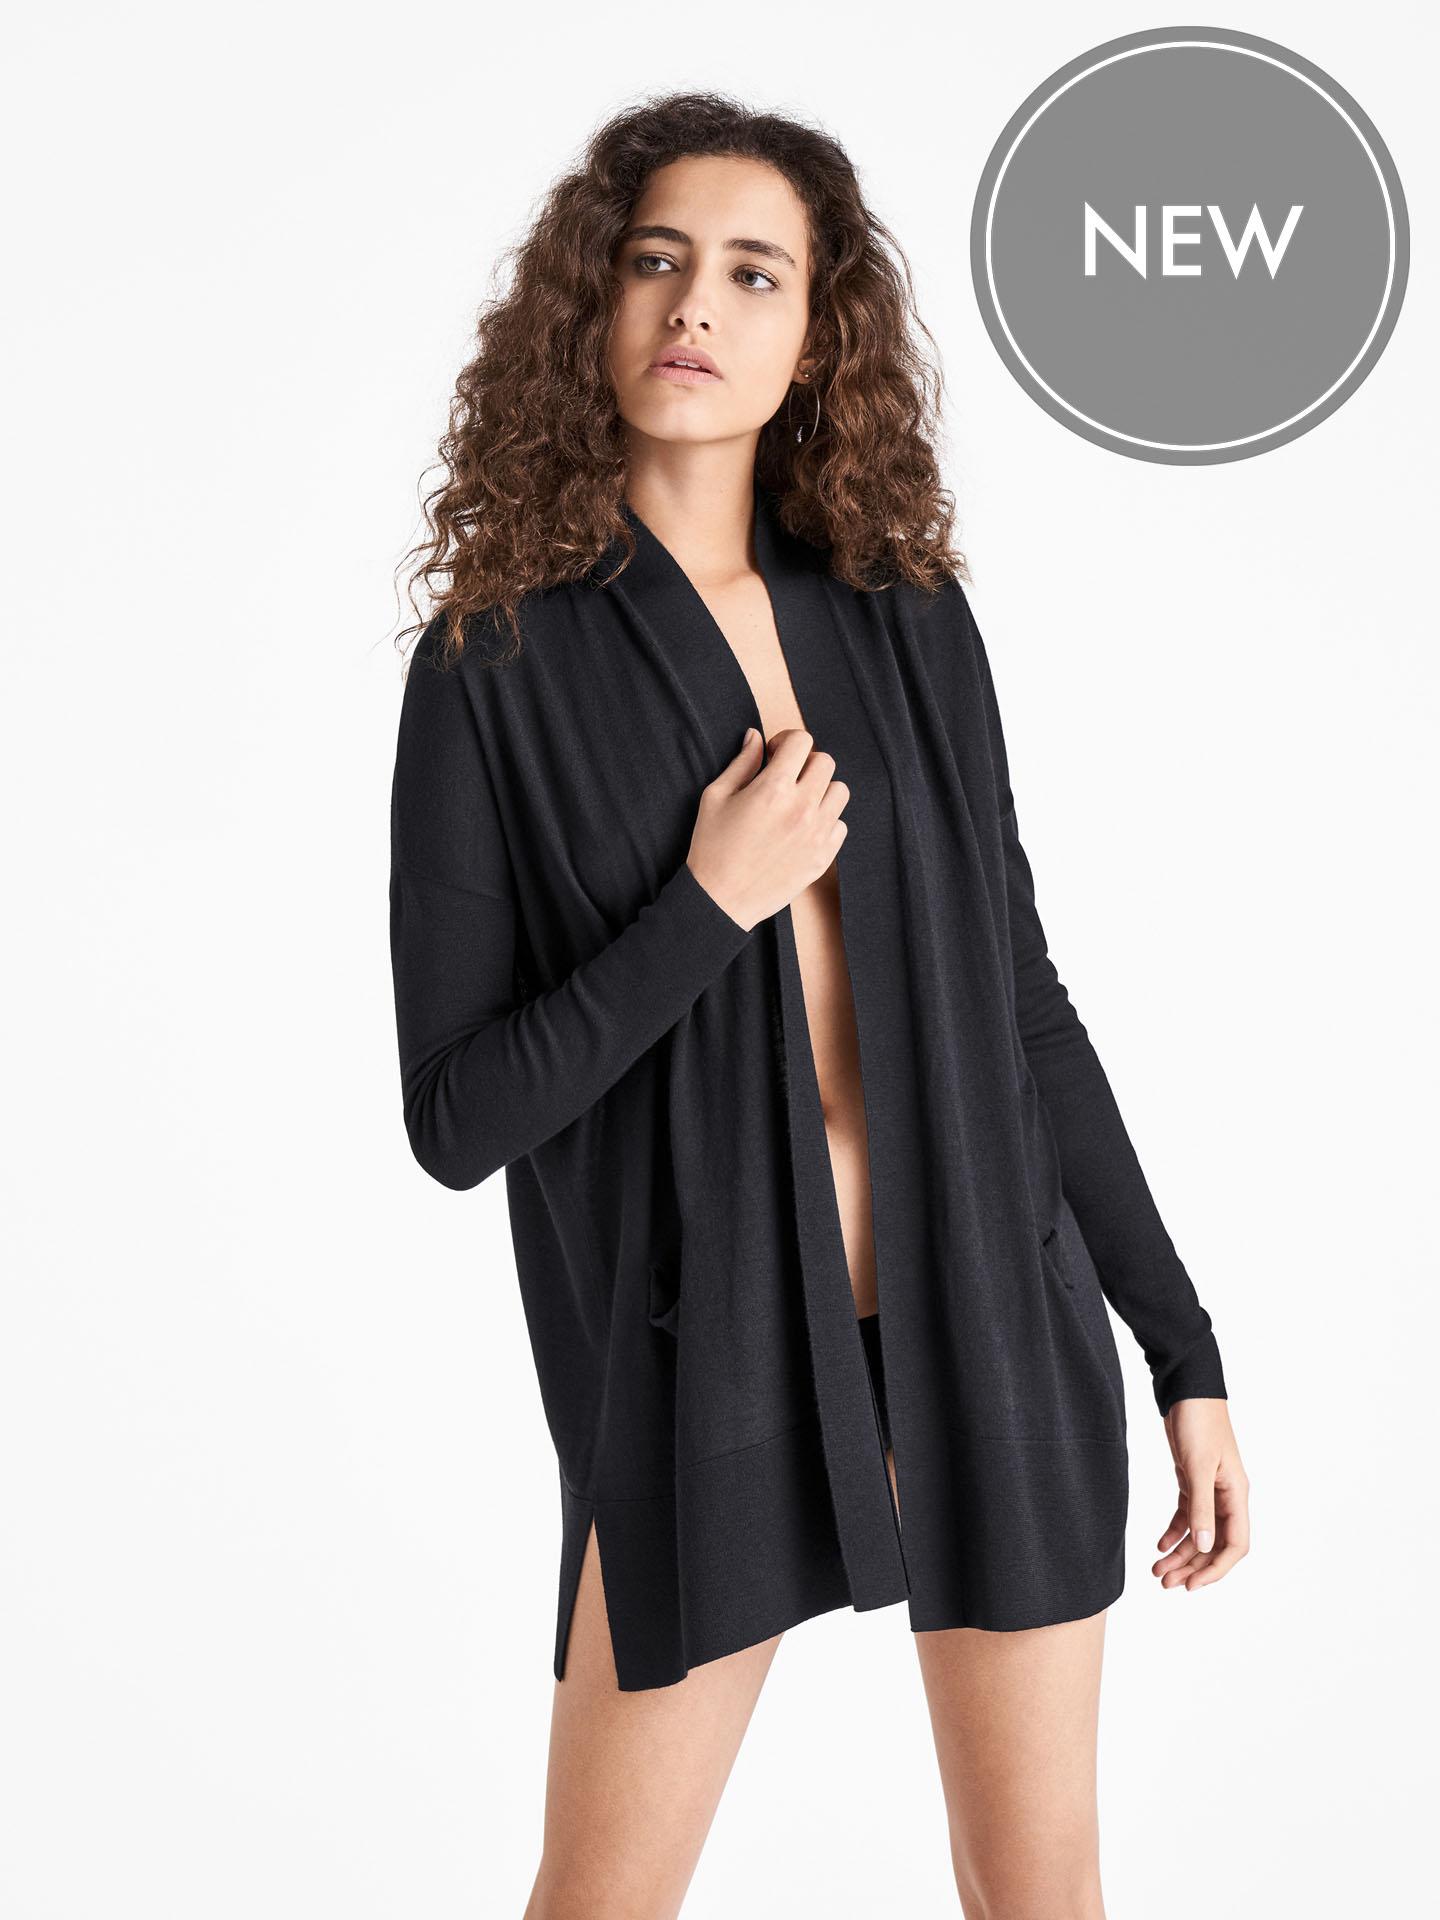 Jacken für Frauen - Irene Cardigan 7005 M  - Onlineshop Wolford